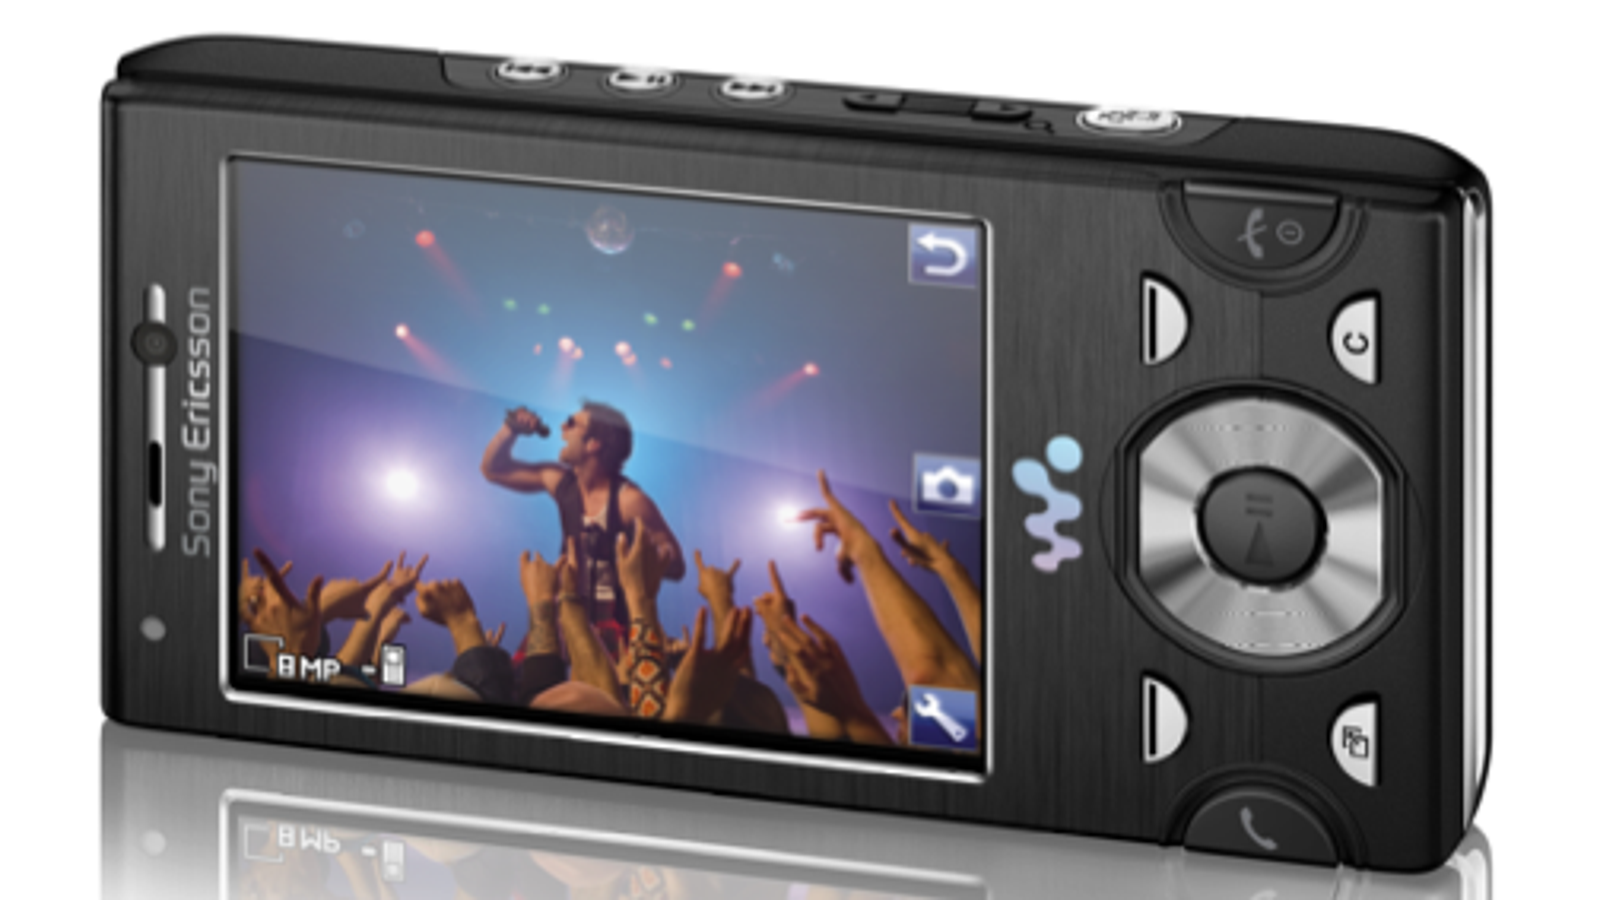 Sony Ericcson W995 Walkman Phone: 8MP, Wi-Fi, Media Server